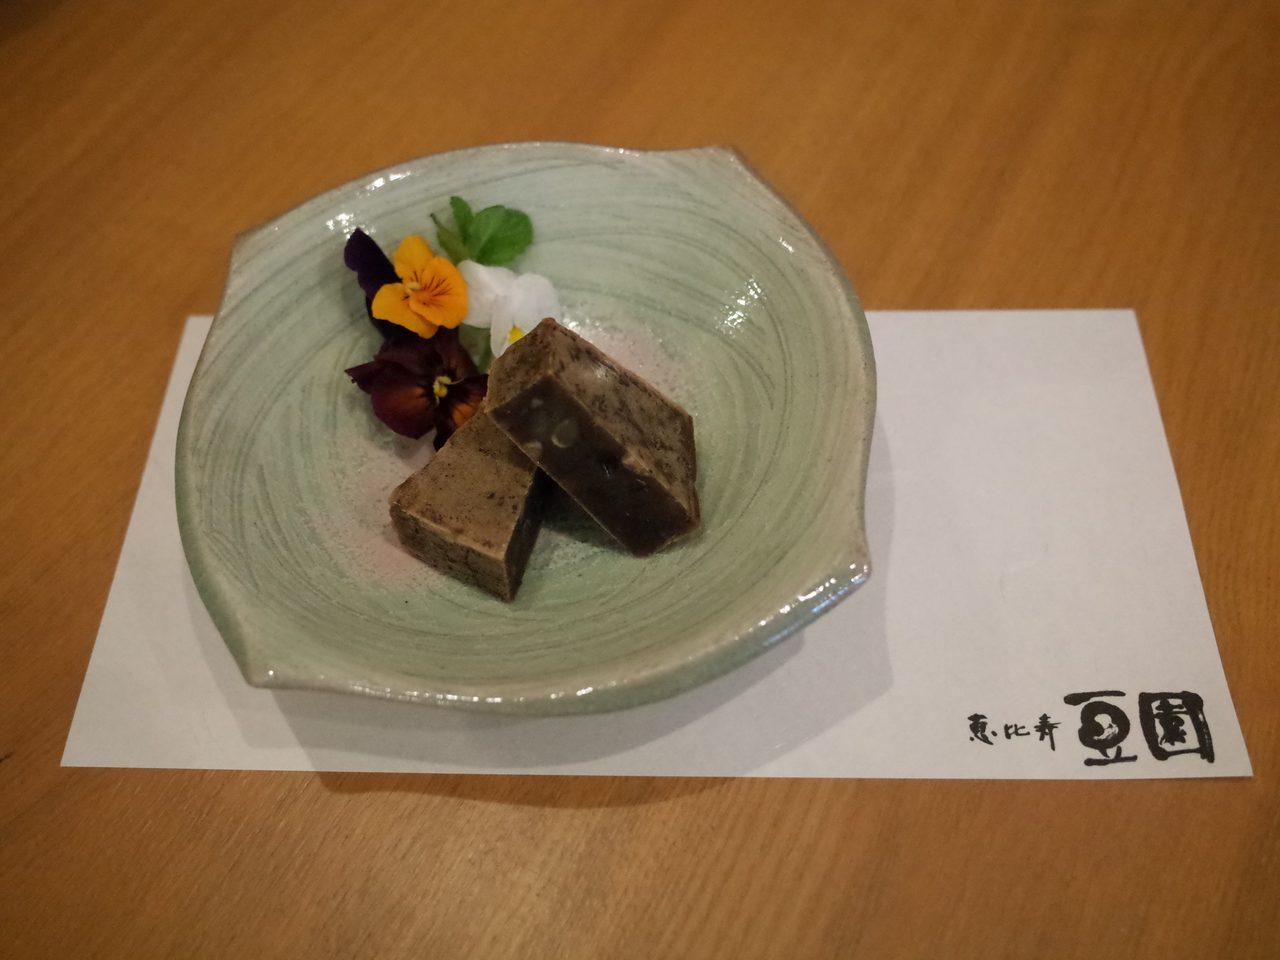 画像: 意外なほどに男性人気が高い、ショコラきんつば 〜香り高いショコラに包まれた北海道十勝産小豆。 www.mamezono.co.jp